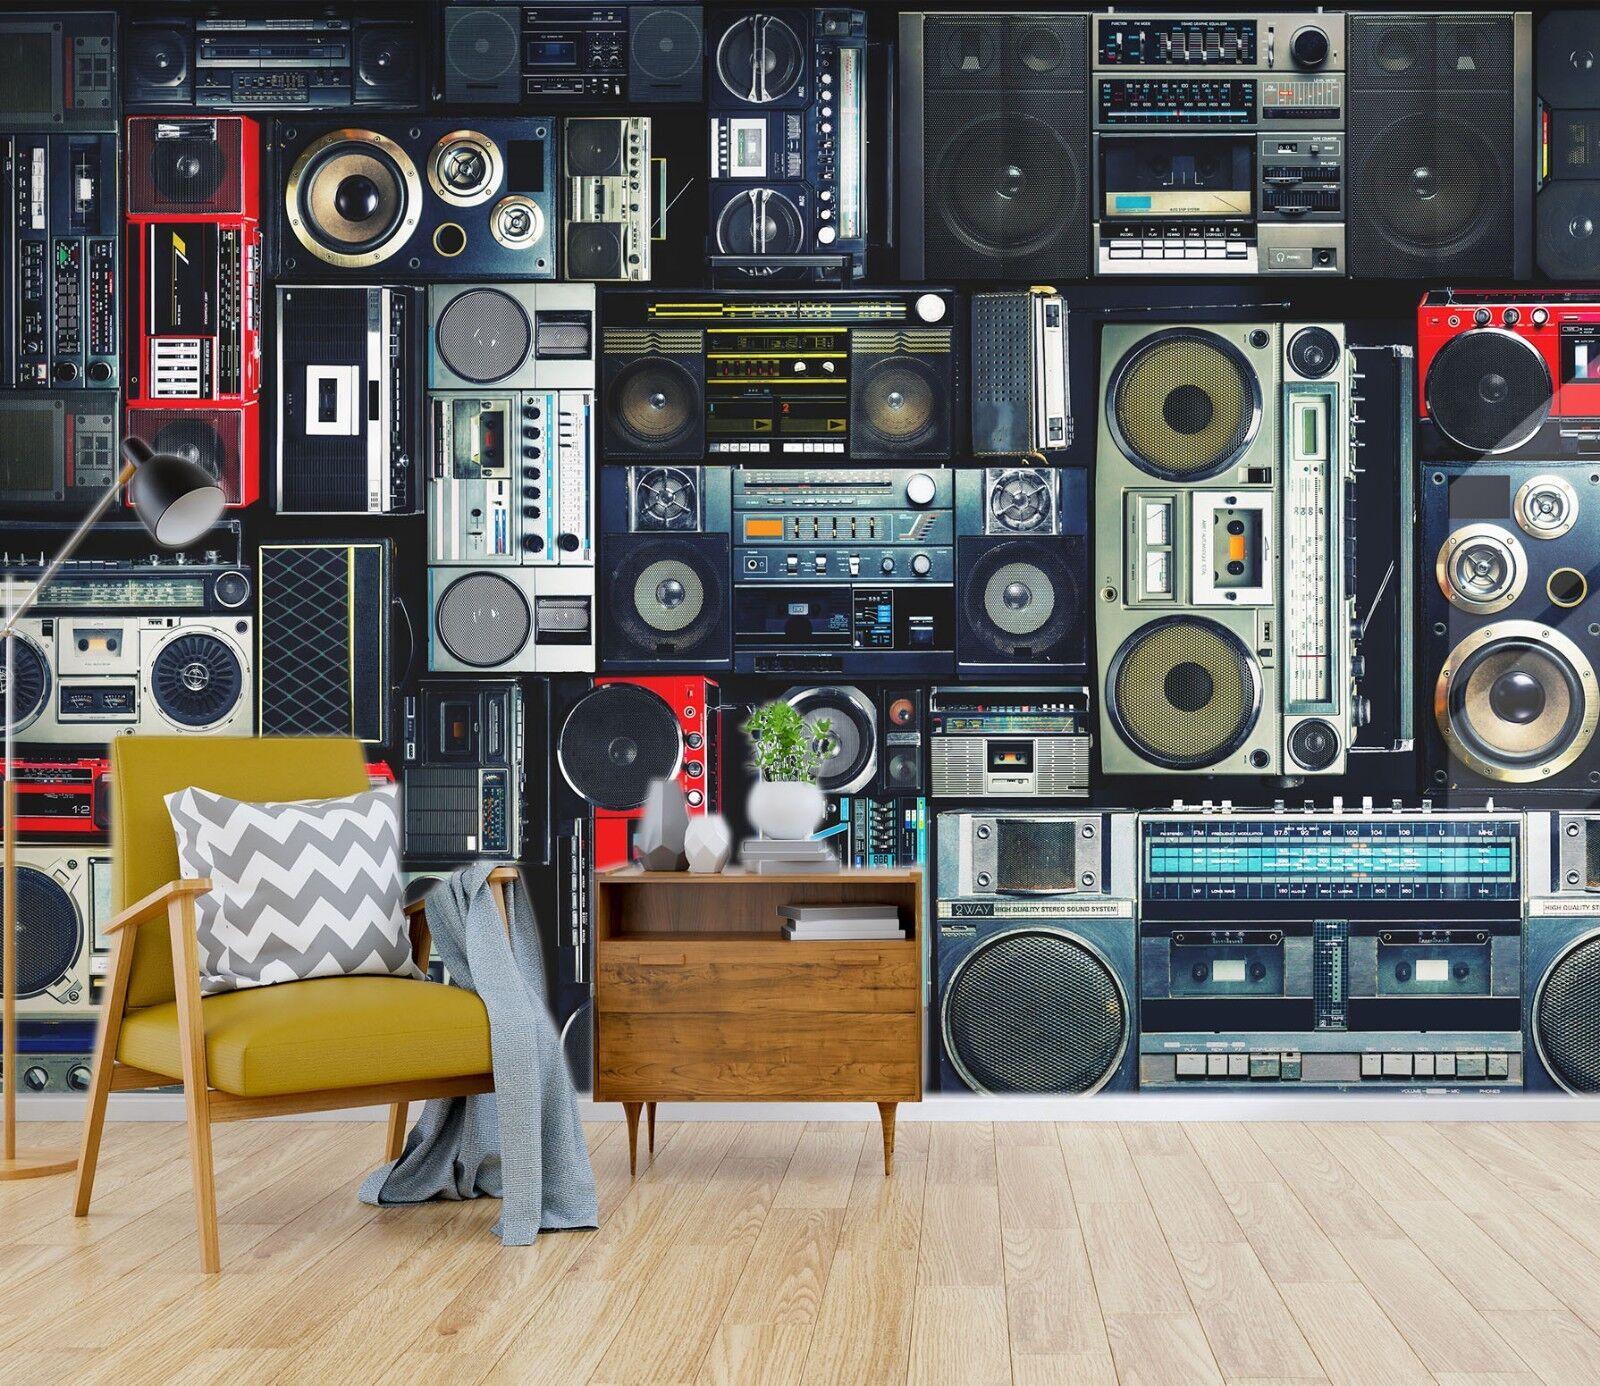 3D Radio Speakers 452 Wallpaper Murals Wall Print Wallpaper Mural AJ WALL UK